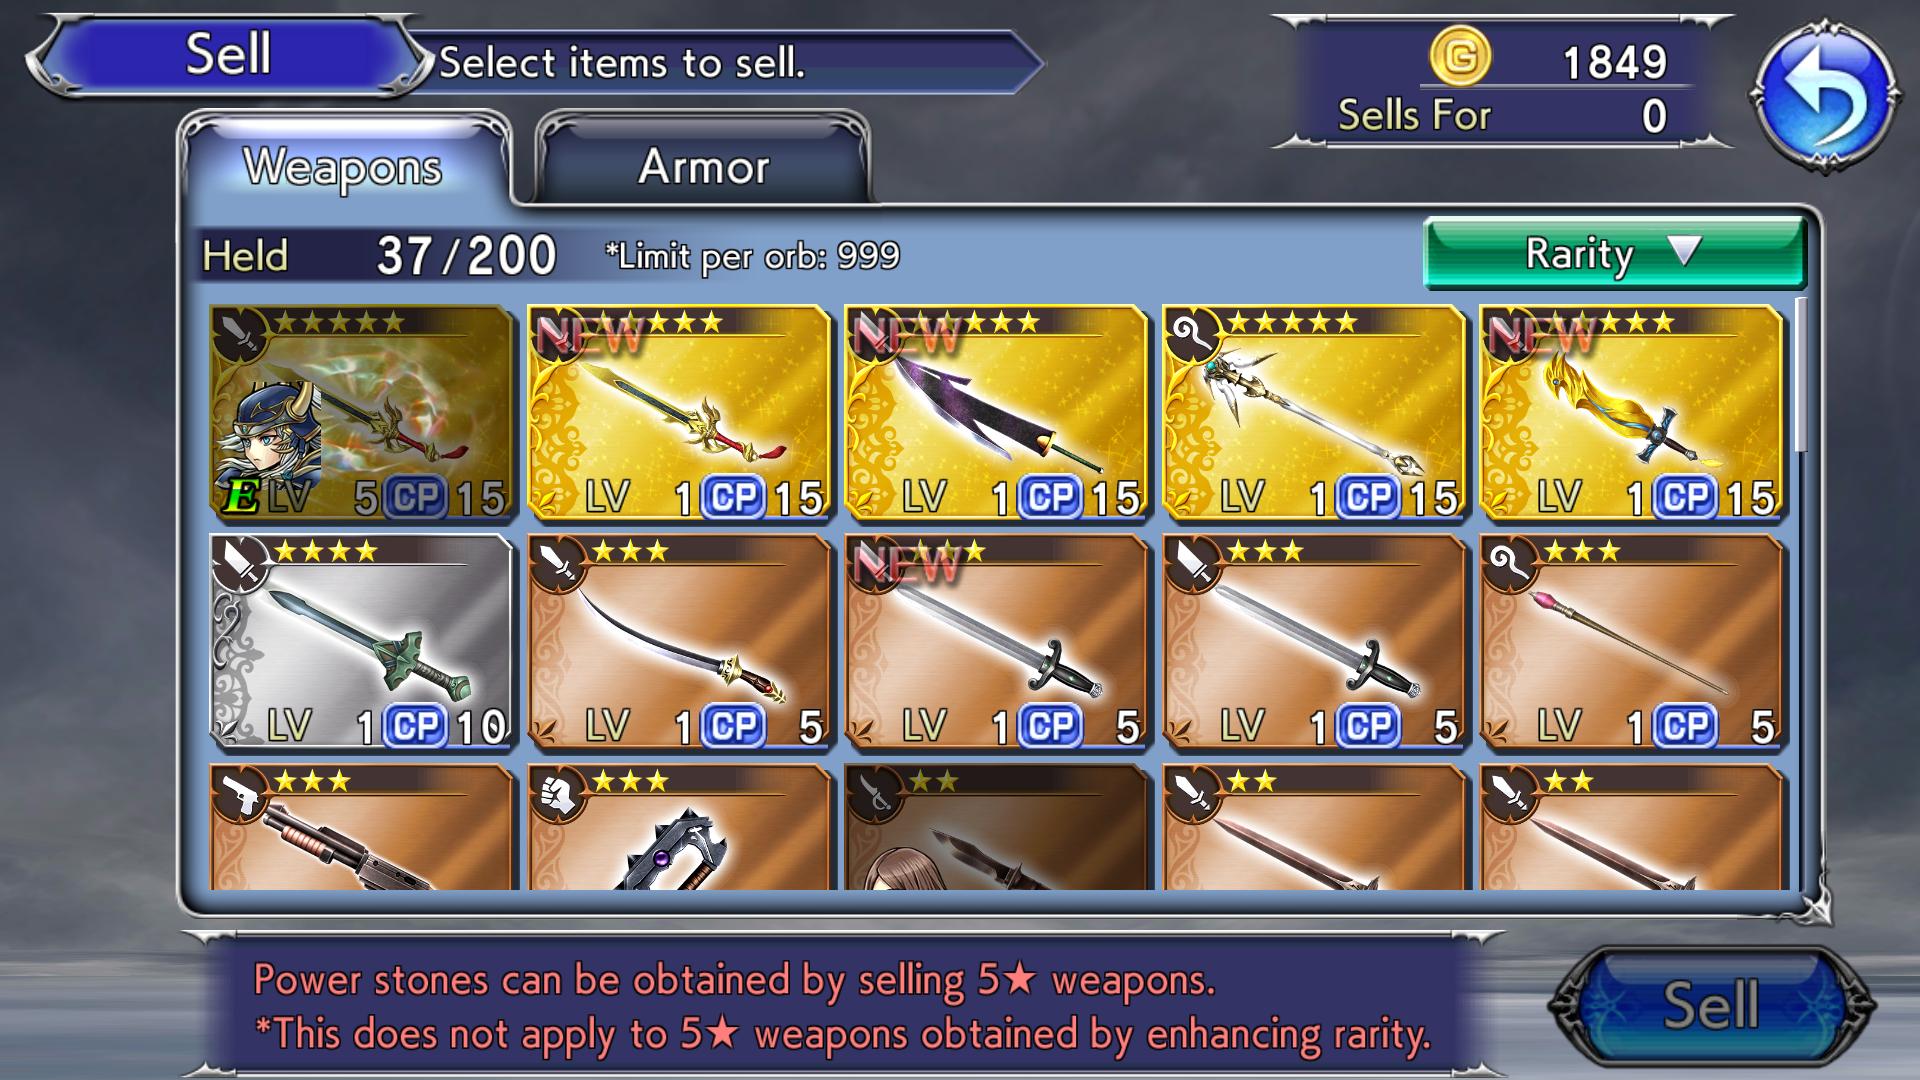 دليلك المرجعي السريع إلى Dissidia Final Fantasy Opera Omnia 5